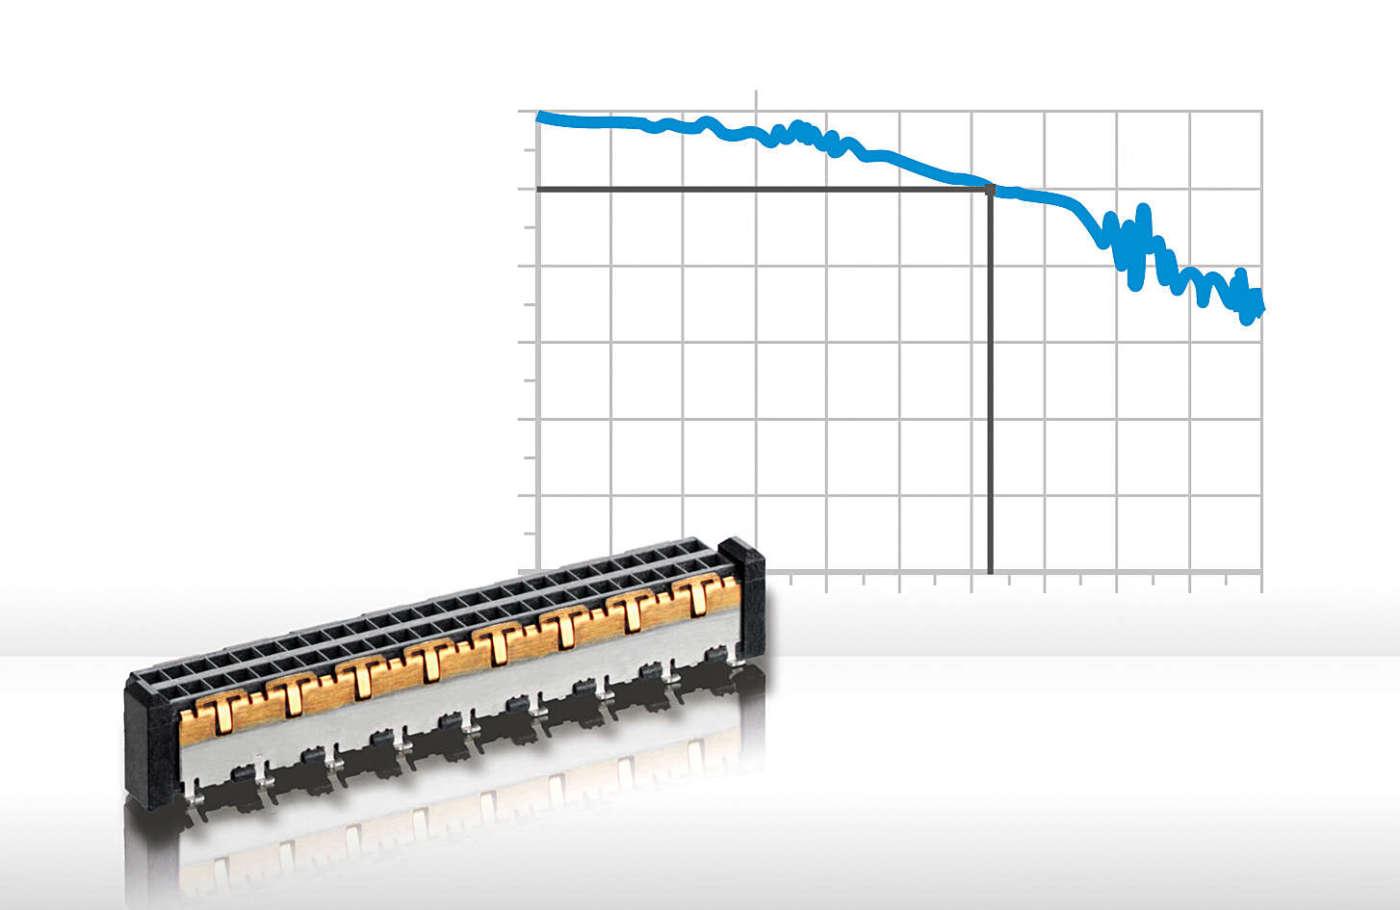 Misura della perdite di inserzione attraverso la frequenza di un connettore MicroSpeed. Seguendo criteri correnti in fase di progettazione e di layout (perdite di inserzione di -2dB e spaziatura tra scheda e scheda di 5 mm) si possono conseguire velocità di trasferimento dati superiori a 25 Gbps